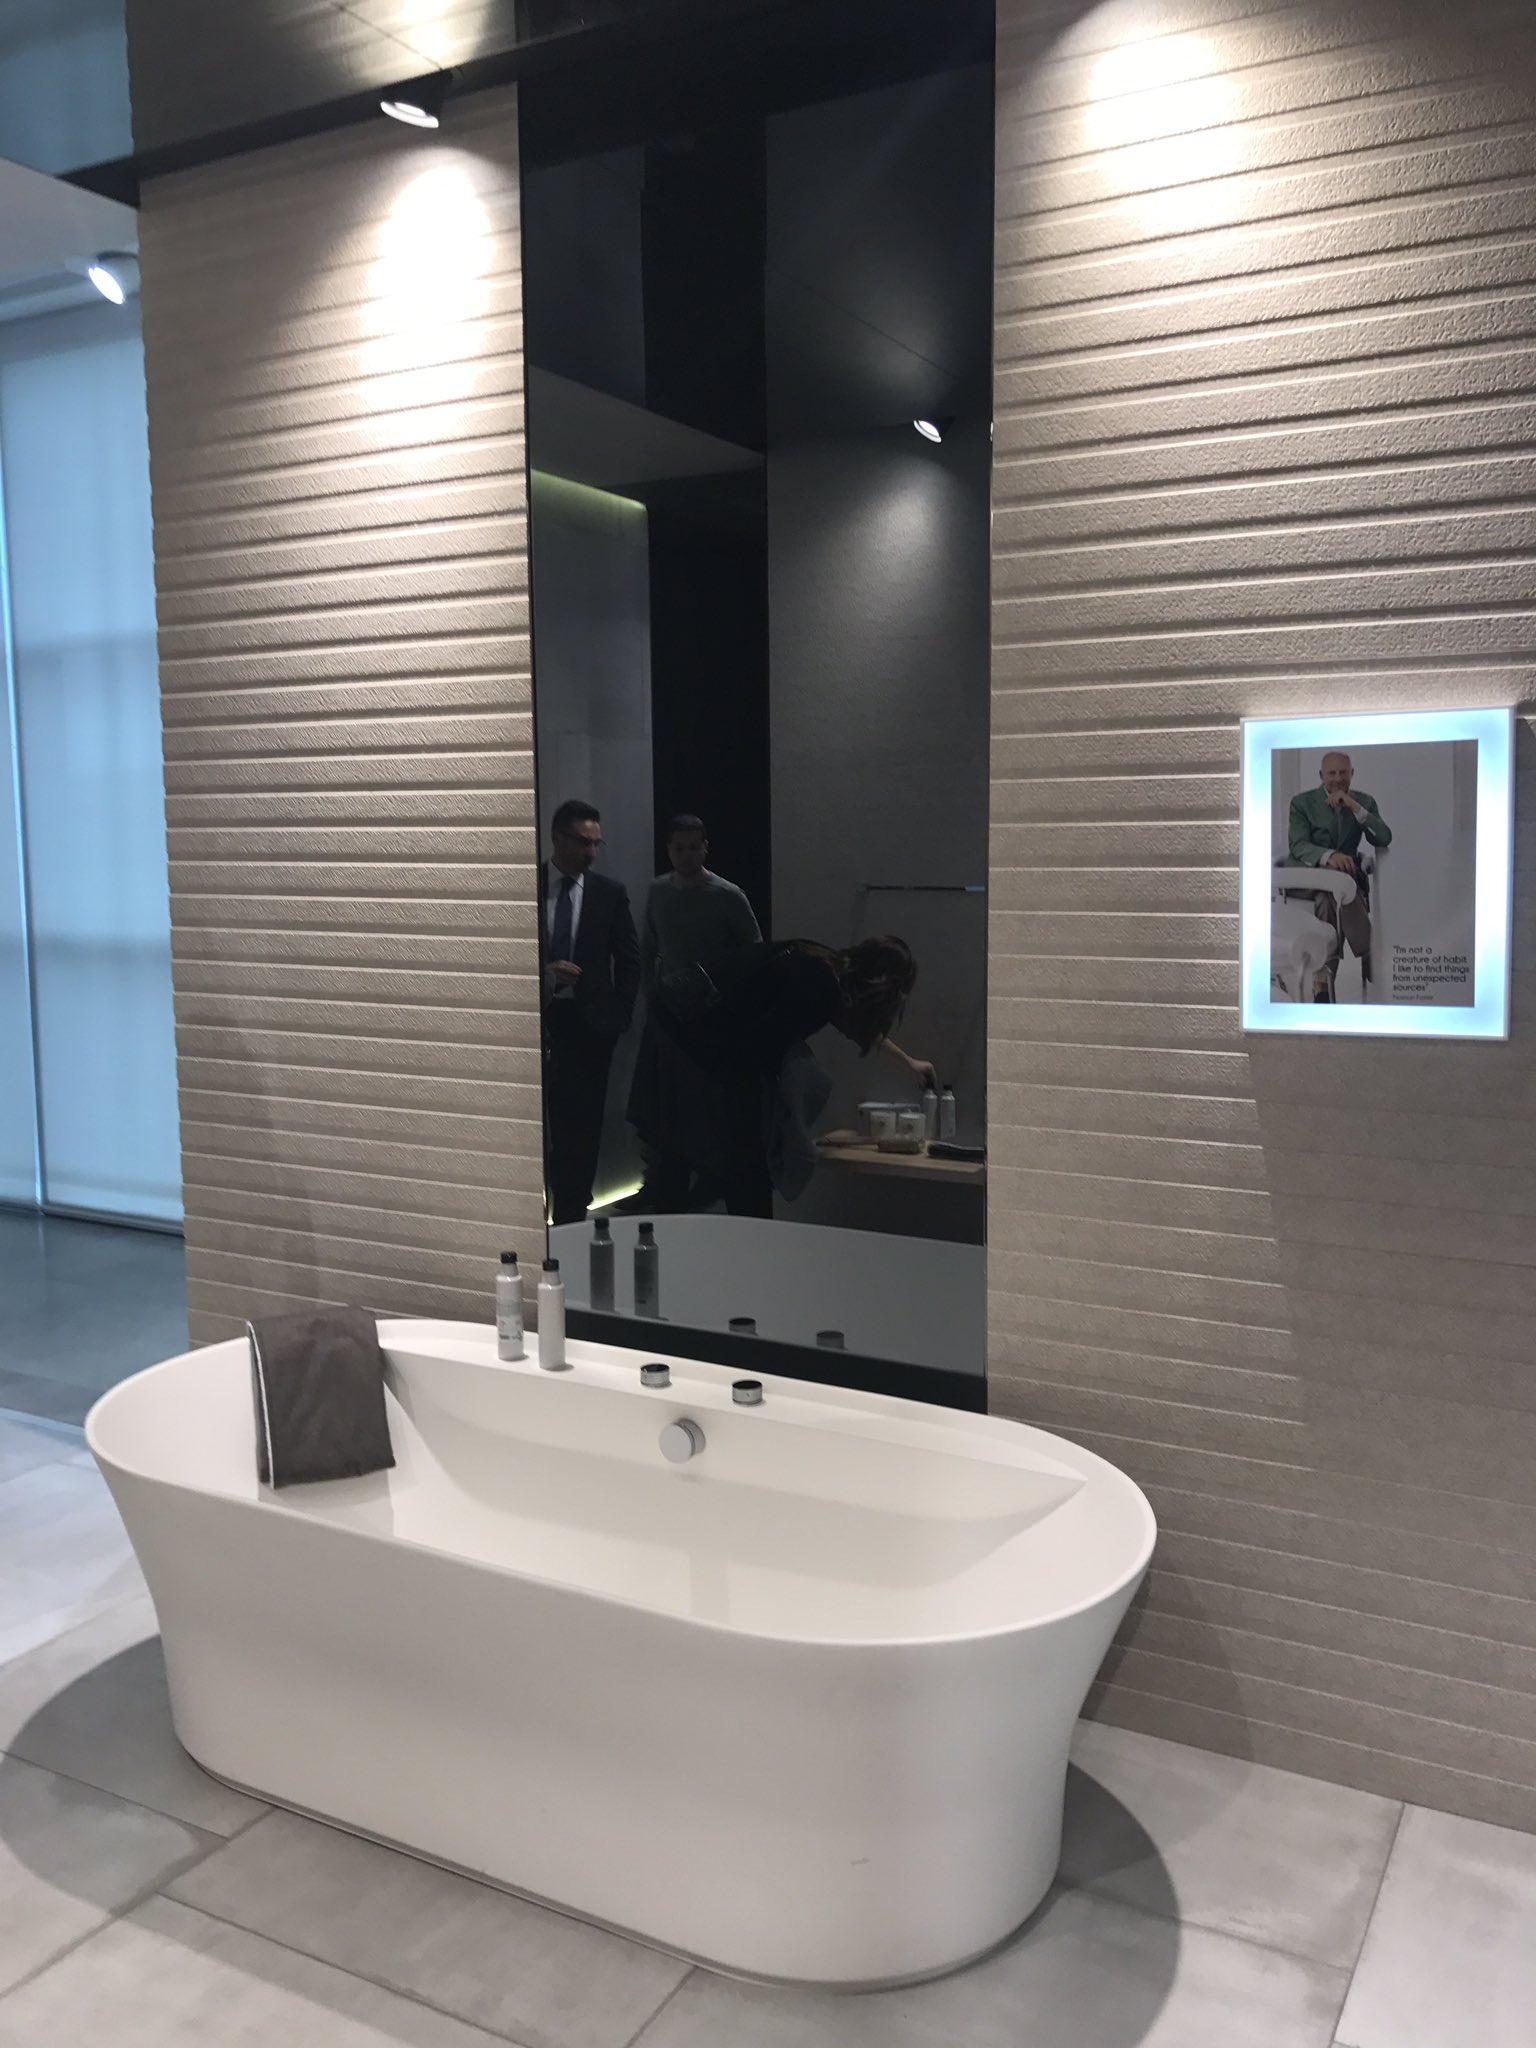 Diseño, funcionalidad y tecnología de la colección Tono de @Porcelanosa_es , diseño de Foster en #PorcelanosaExperience https://t.co/sRbVXNpHvw